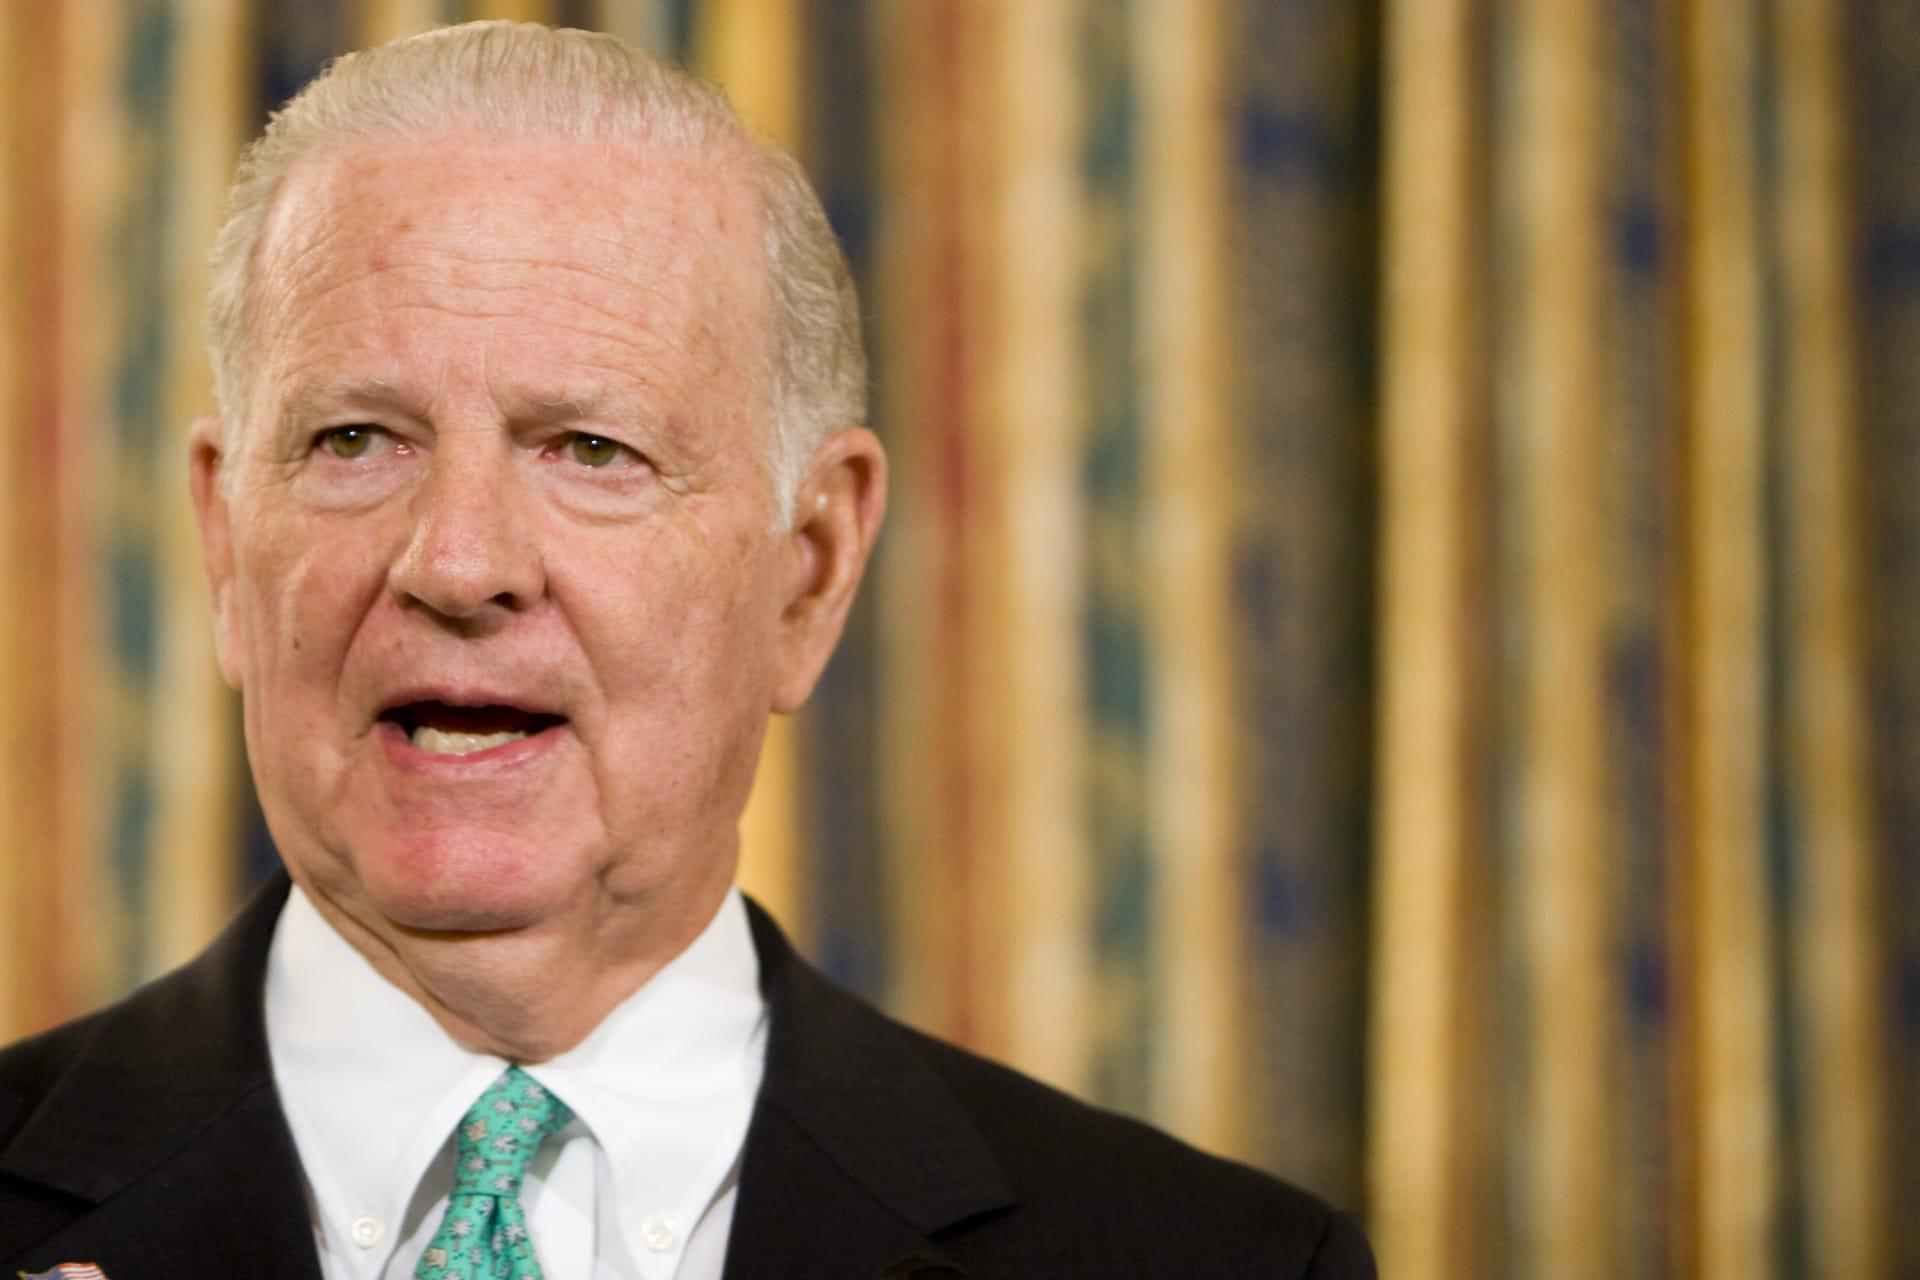 وزير الخارجية الأمريكي الأسبق جيمس بيكر ينفي تصريحات منسوبة له عن قطر